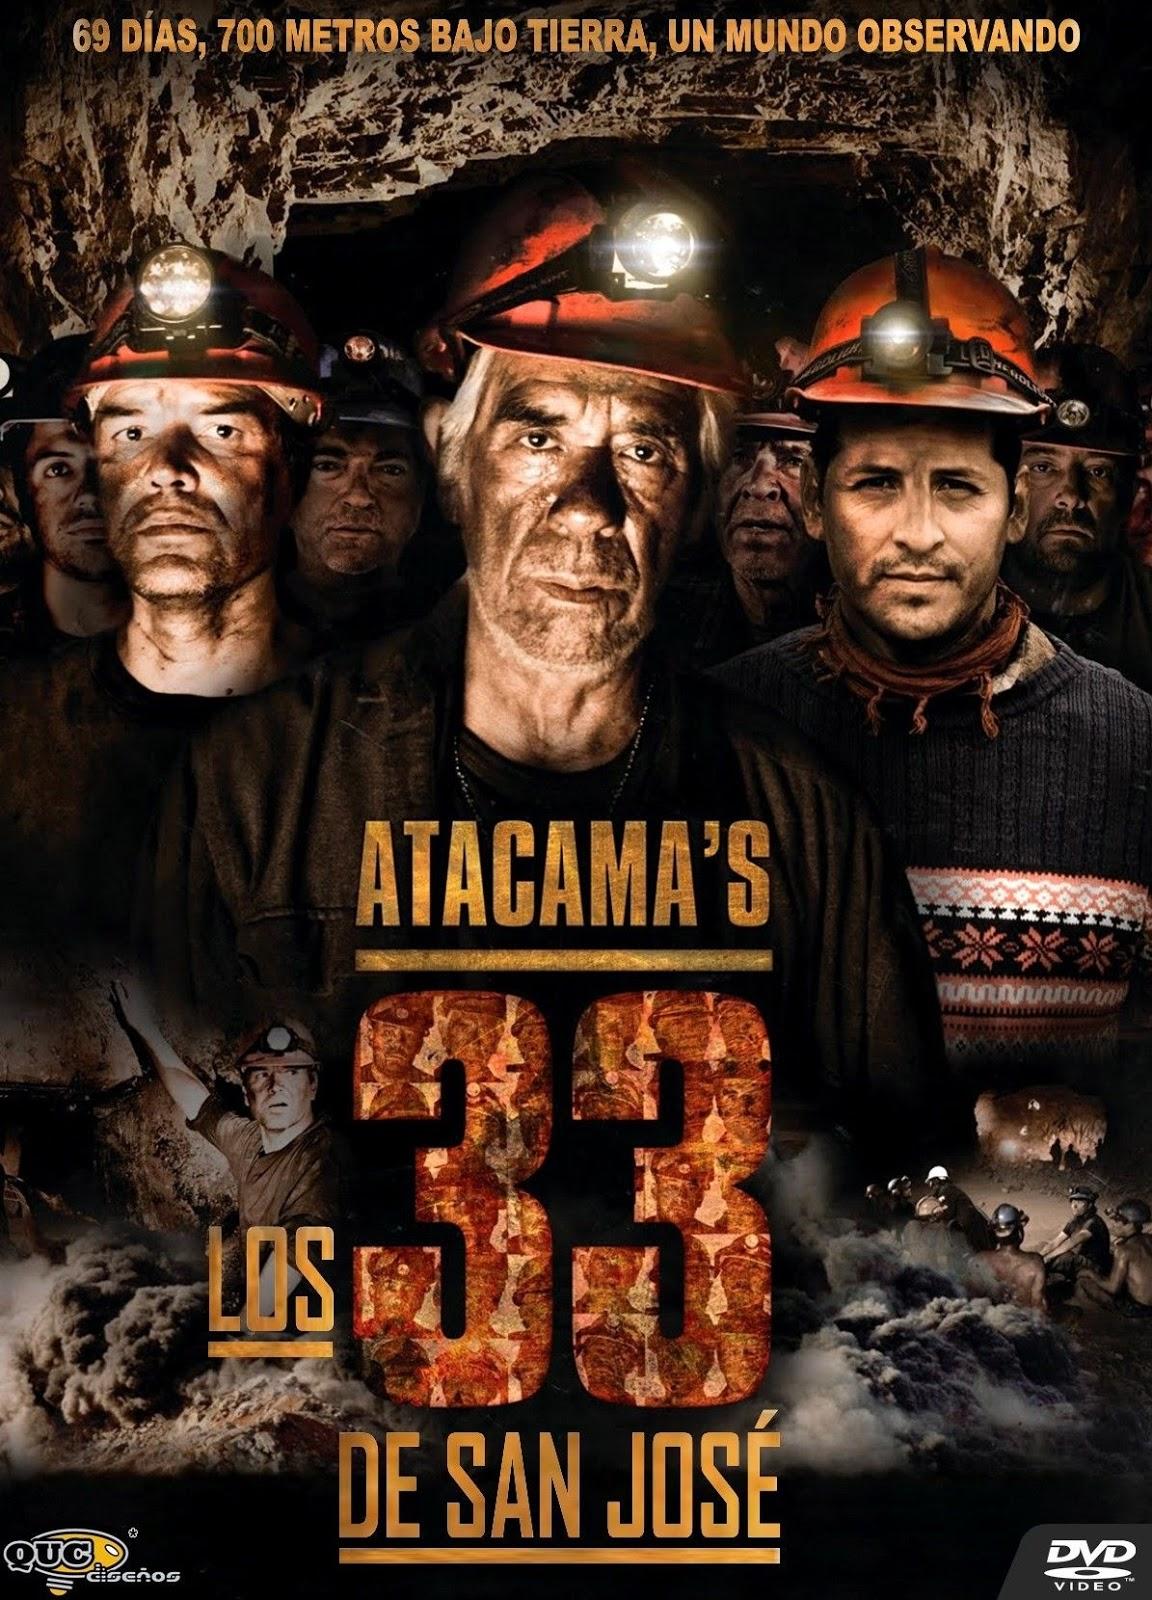 los 33 movie trailer